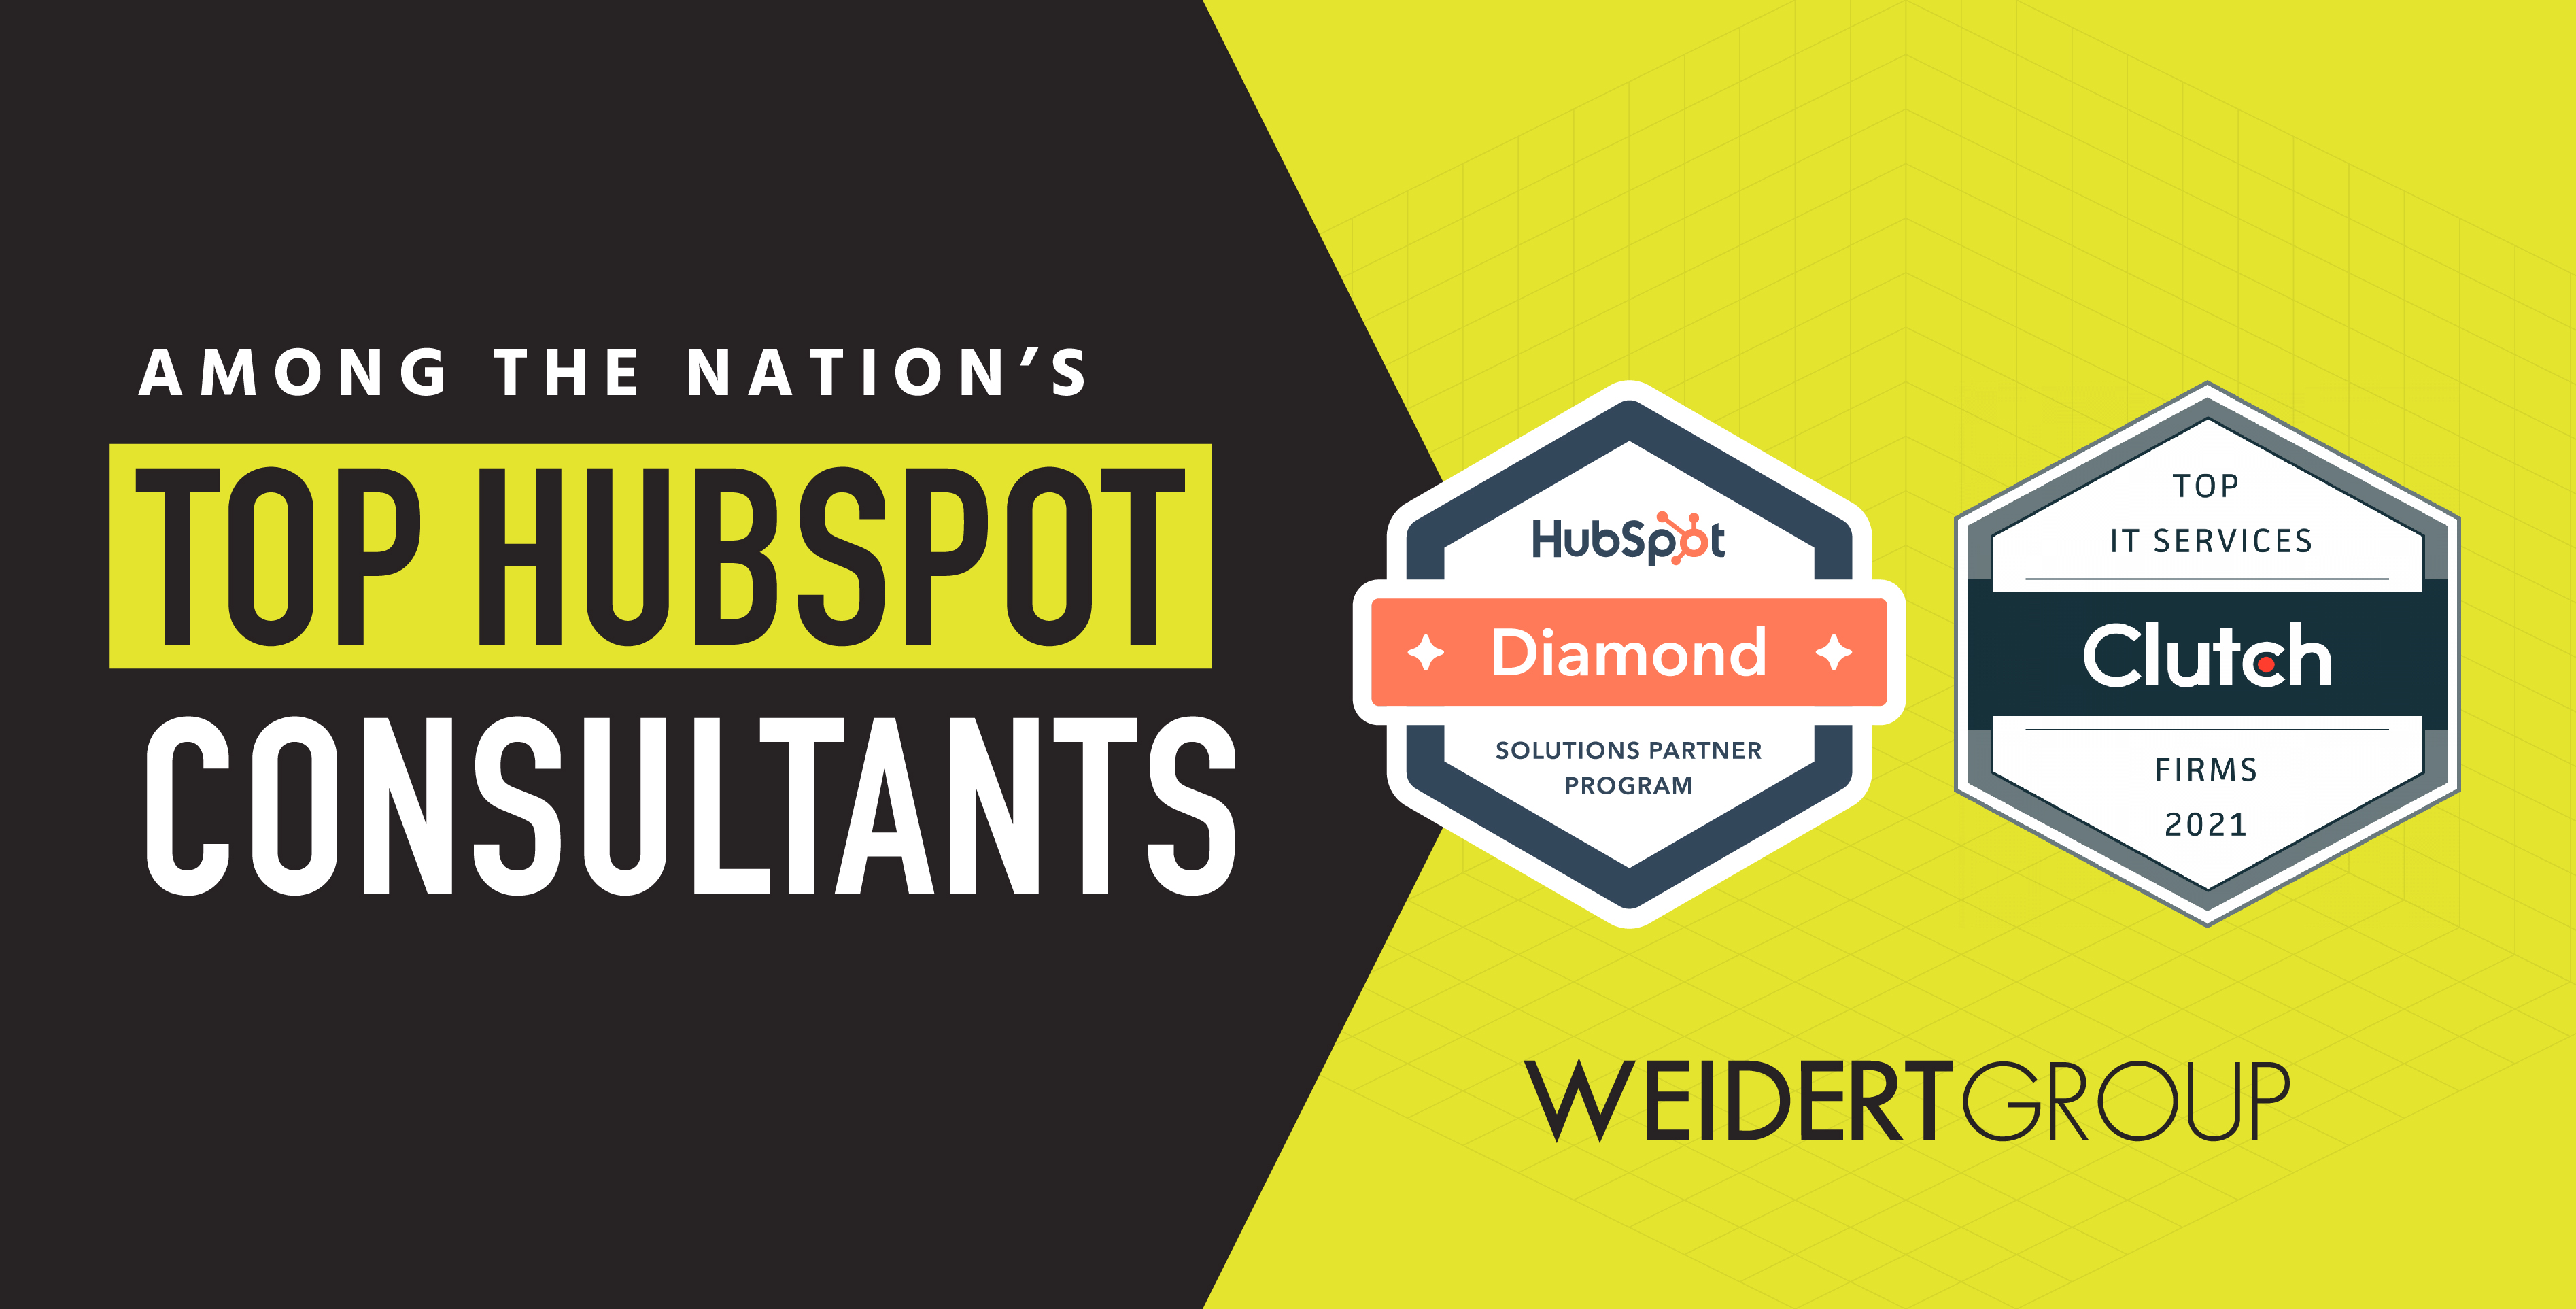 Clutch-Hubspot Diamond-2021